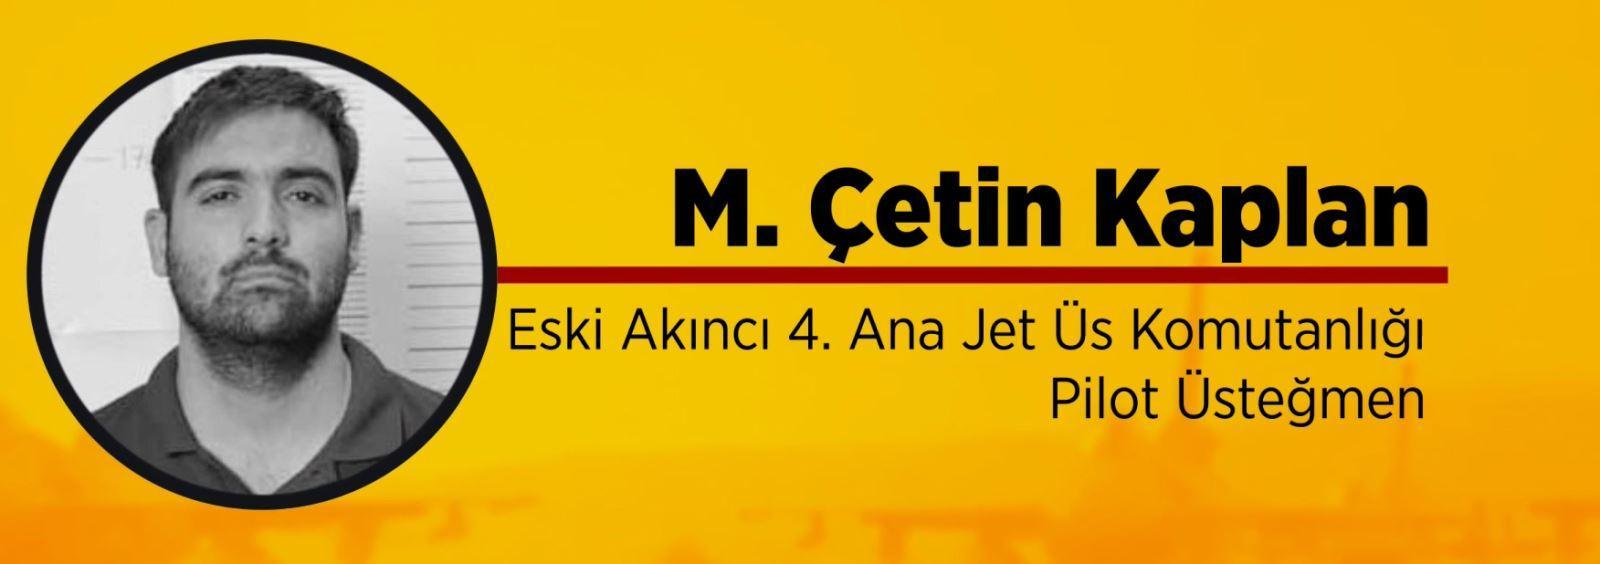 15 Temmuz ihanetinin ilk bombalı saldırısını gerçekleştiren eski pilot üsteğmen Mehmet Çetin Kaplan